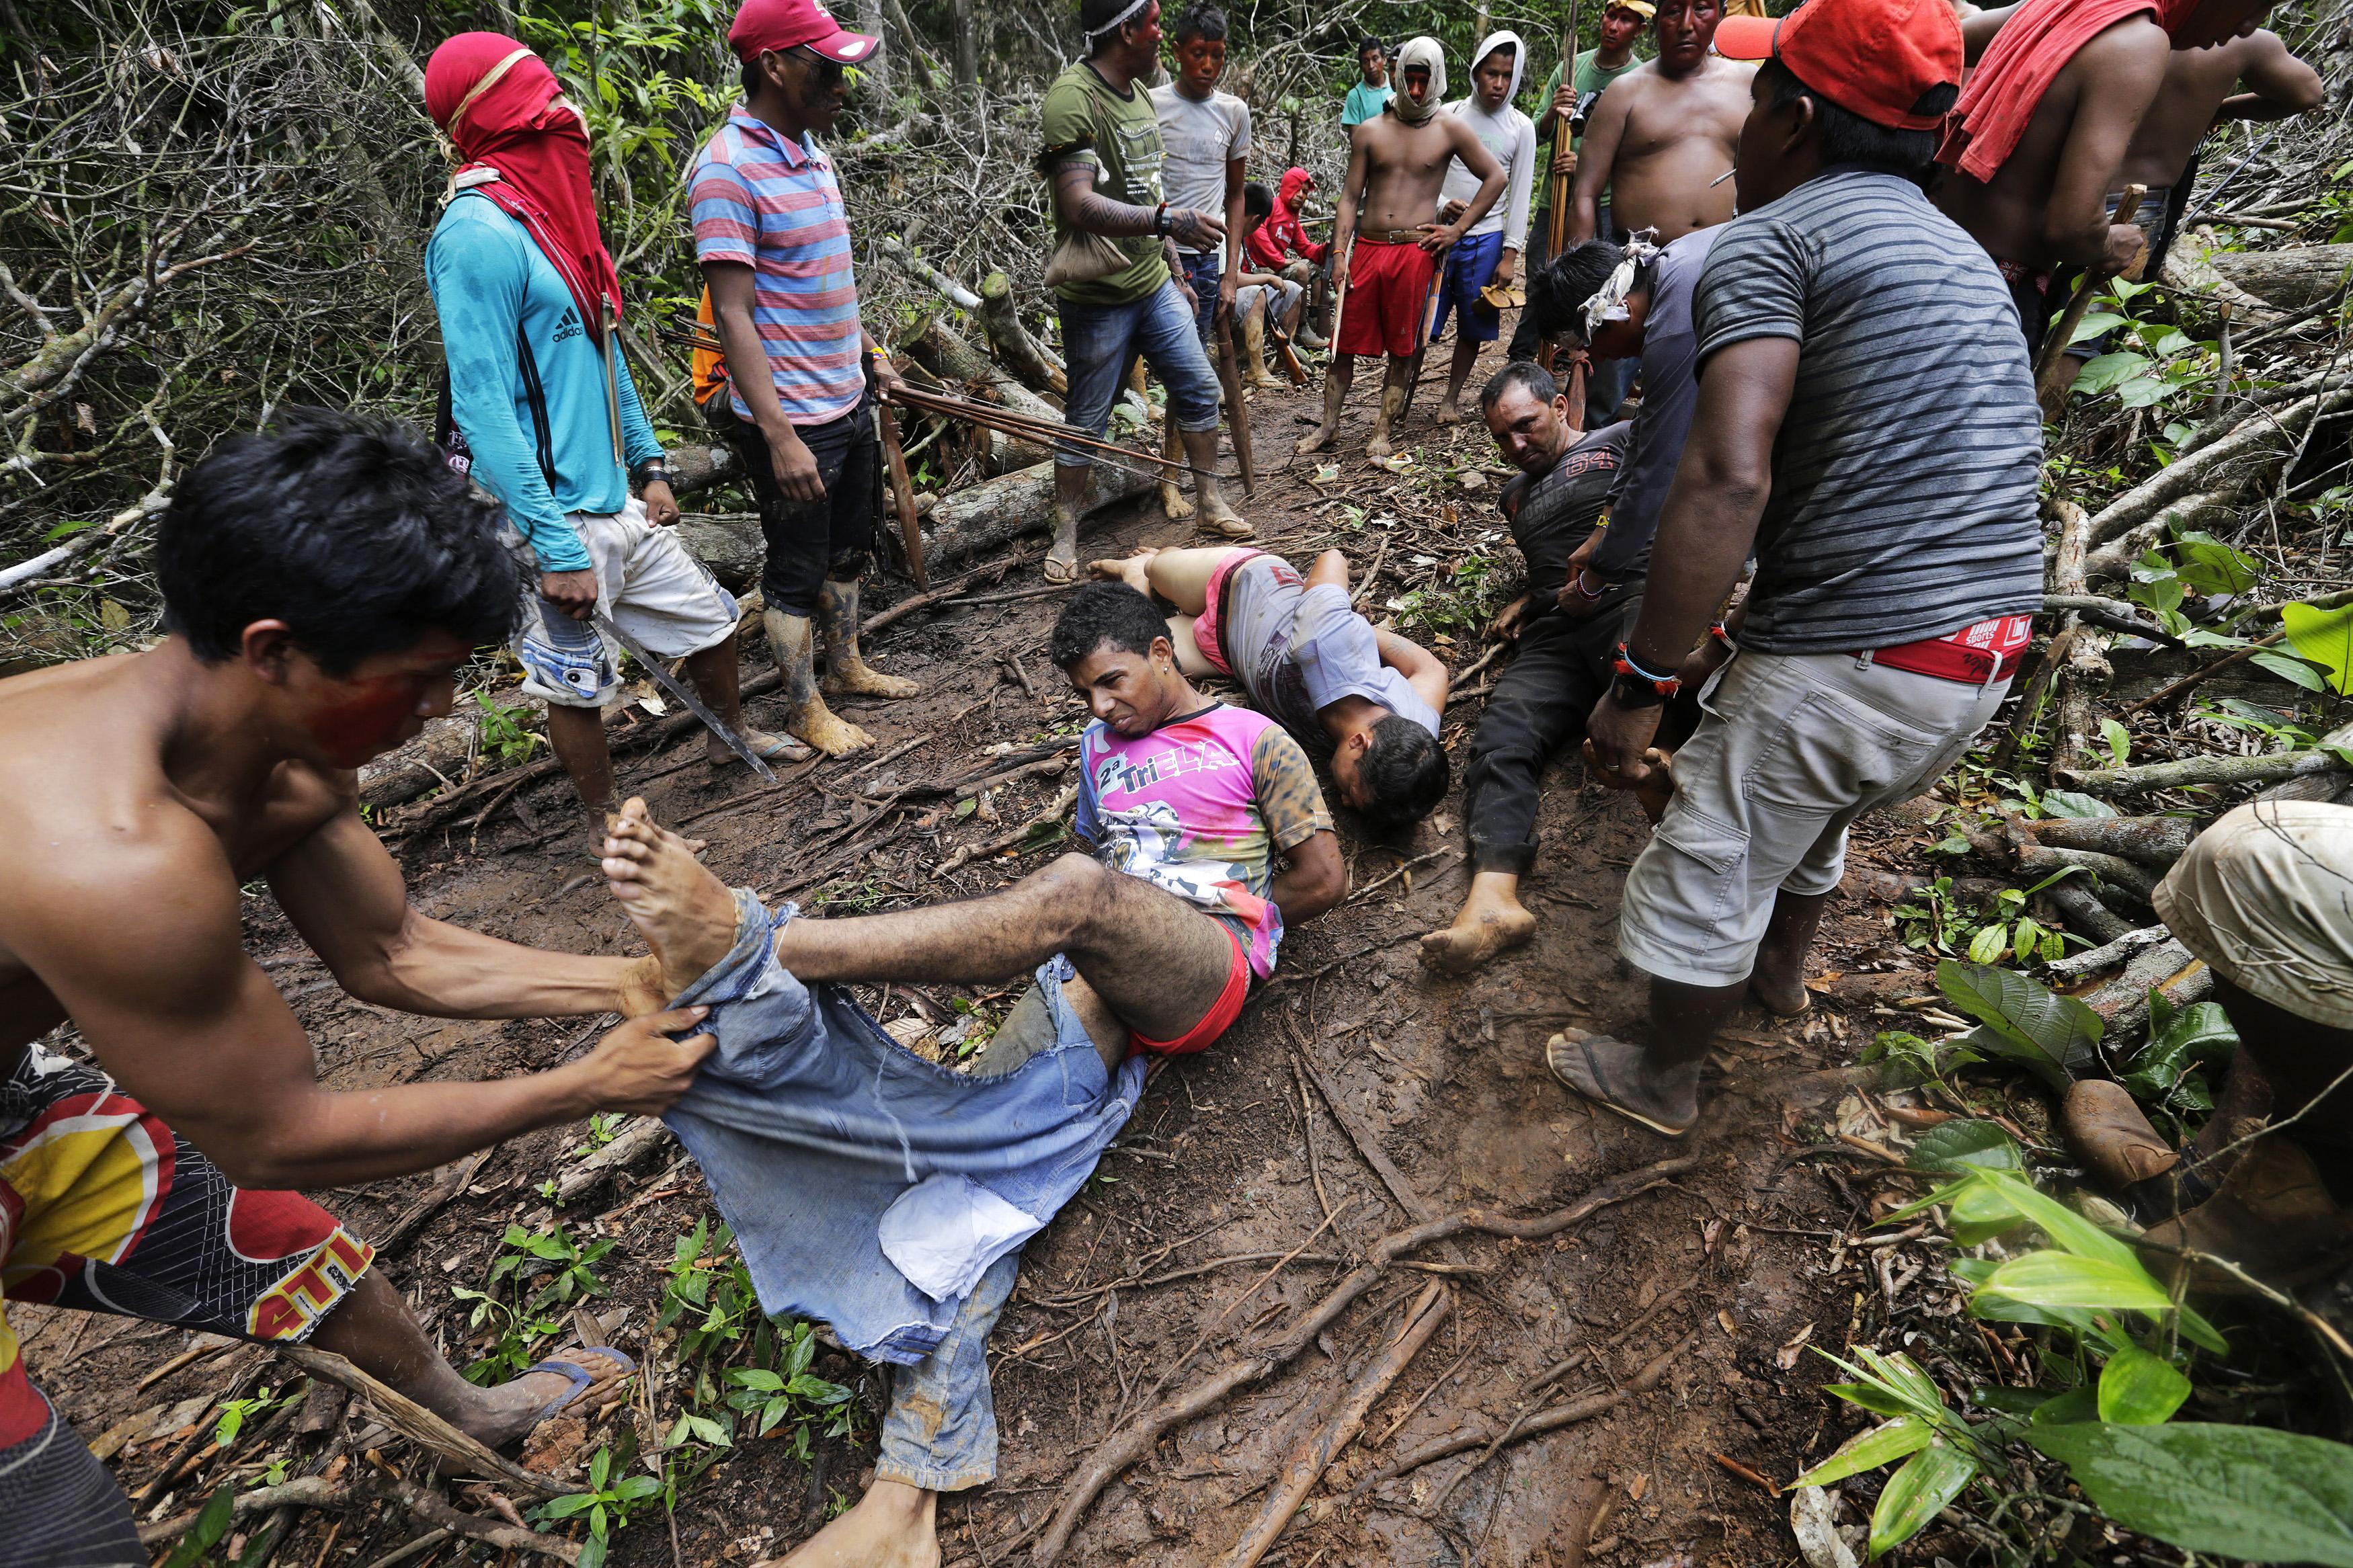 Los aborígenes asumieron la responsabilidad de proteger la selva